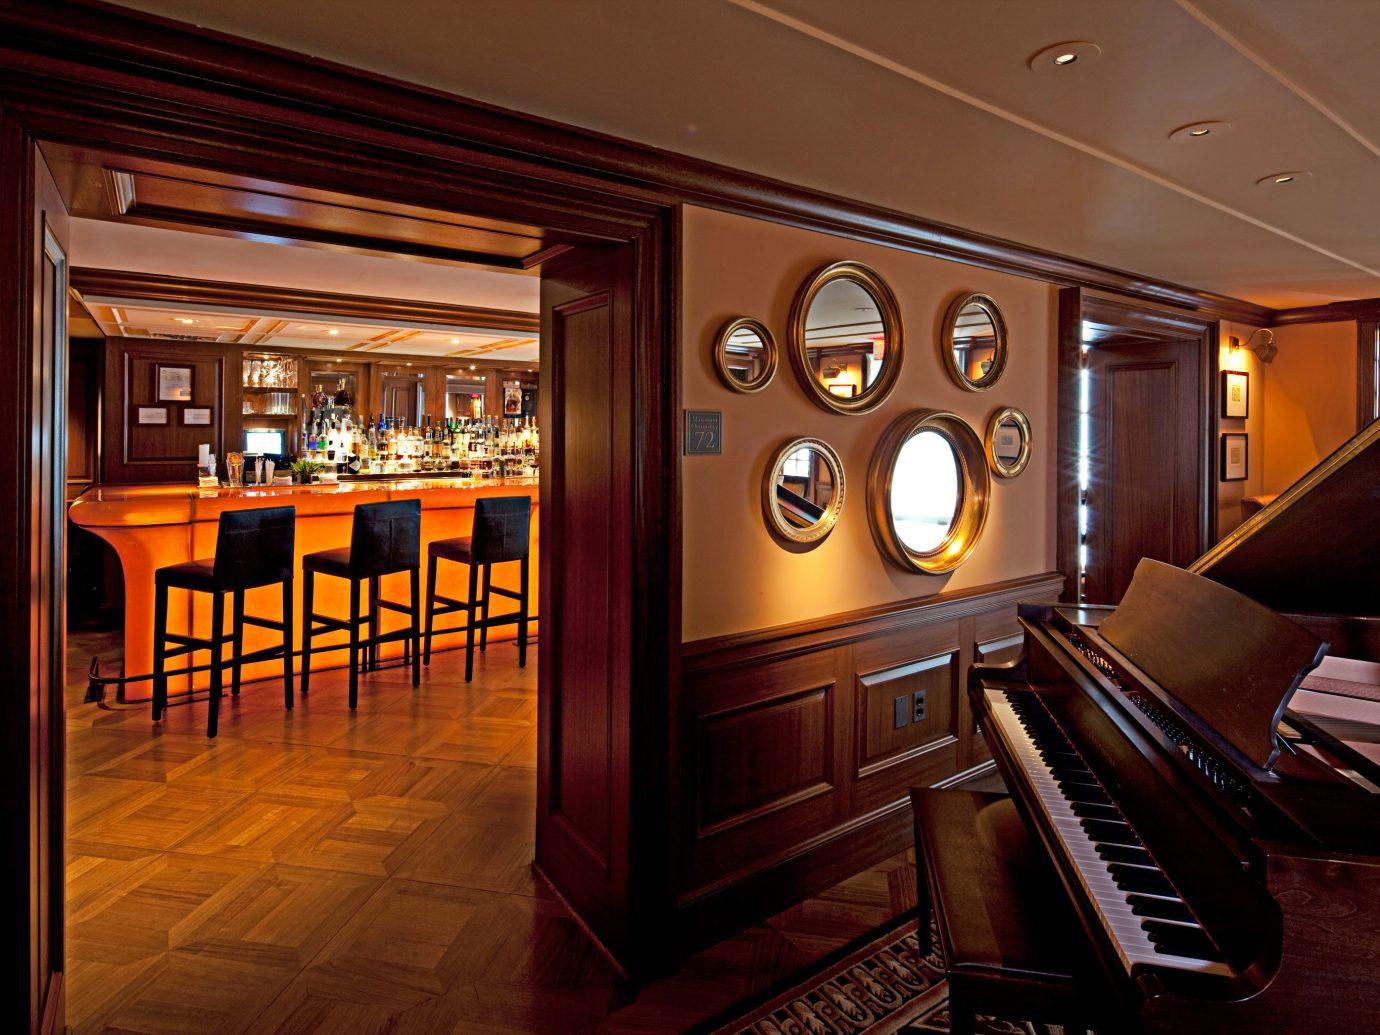 Bar Boutique Hotels Drink Hotels indoor floor room ceiling recreation room Lobby estate interior design home mansion screenshot living room